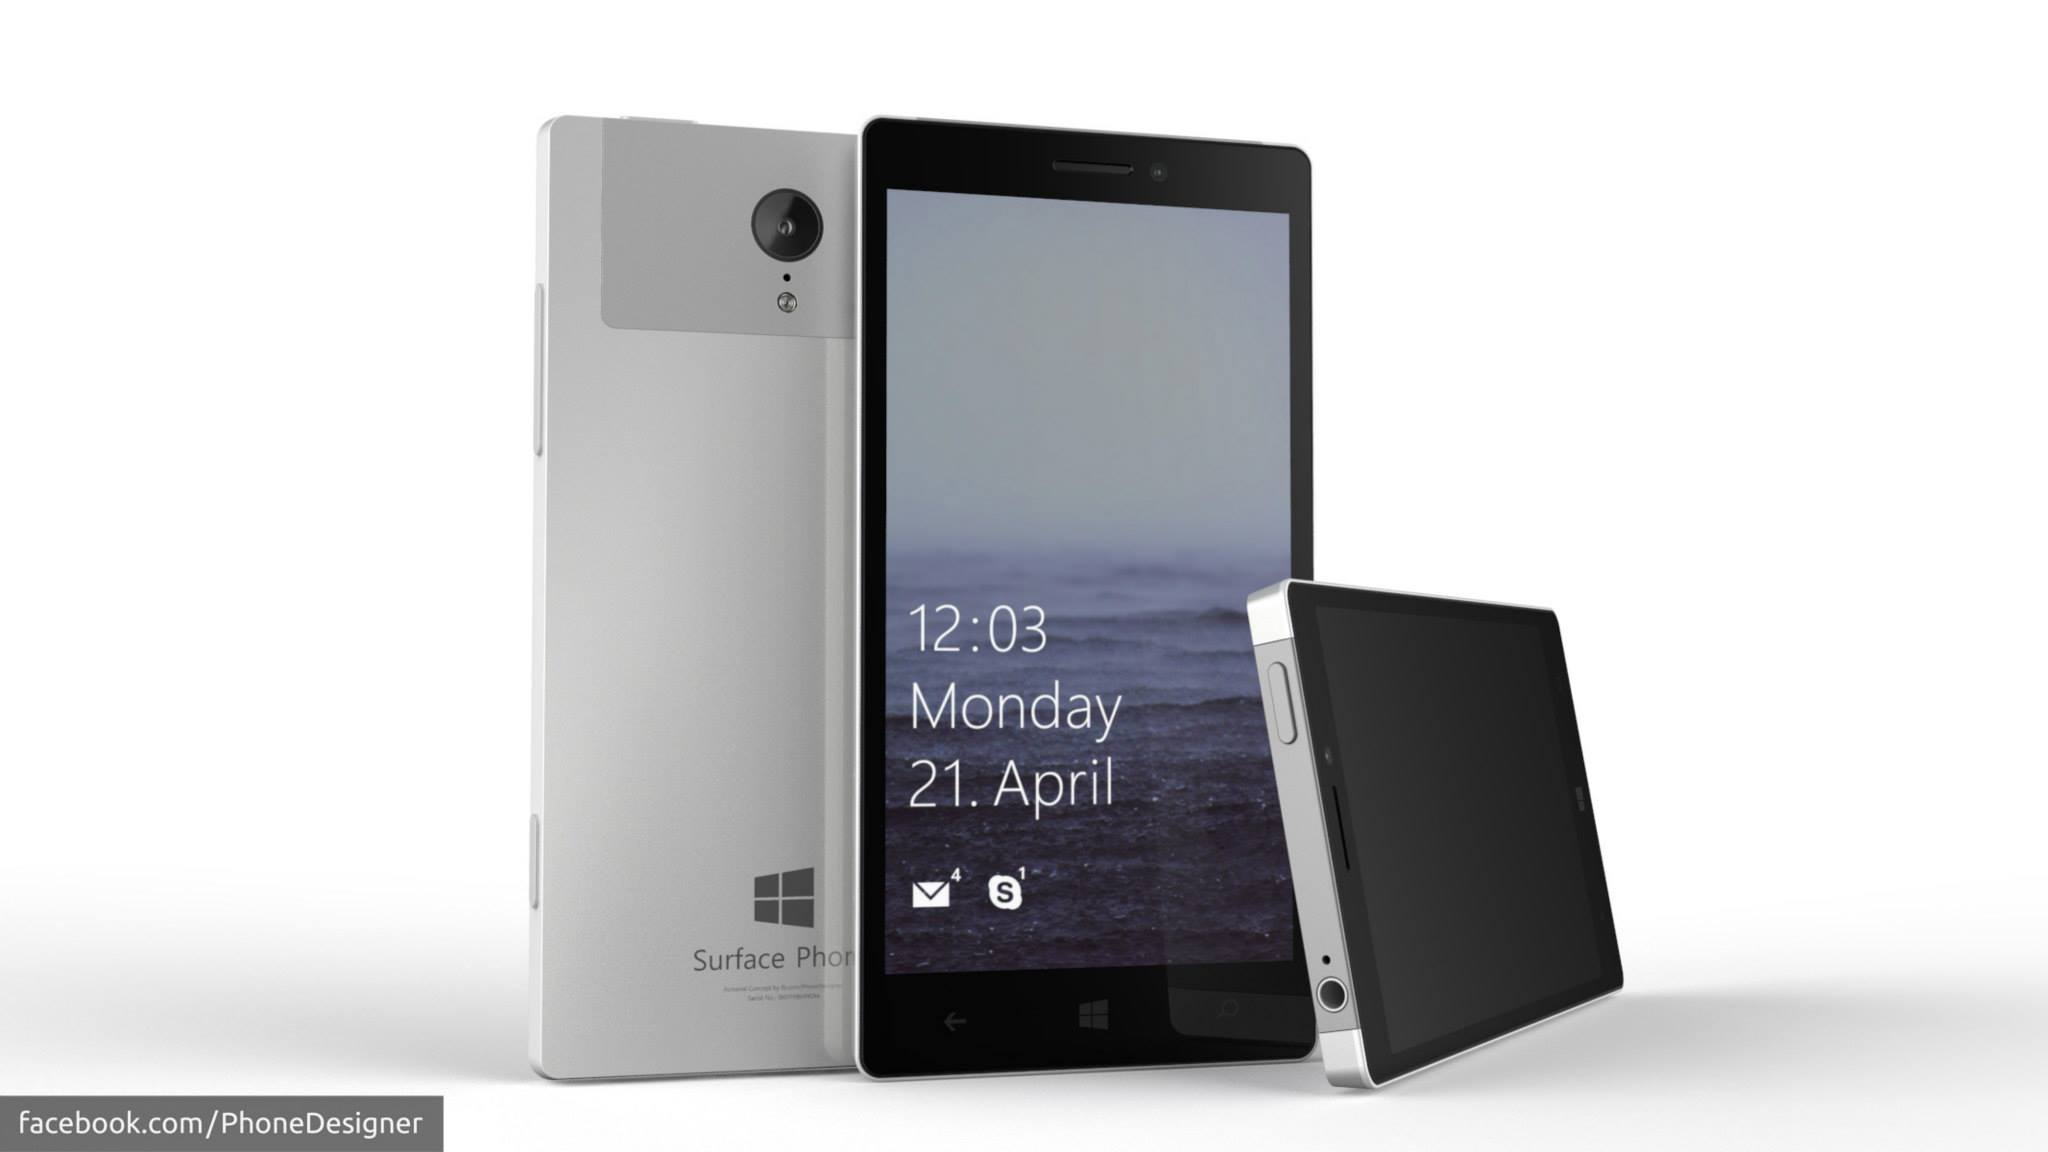 NorthStar aneb první Surface Phone v přípravě